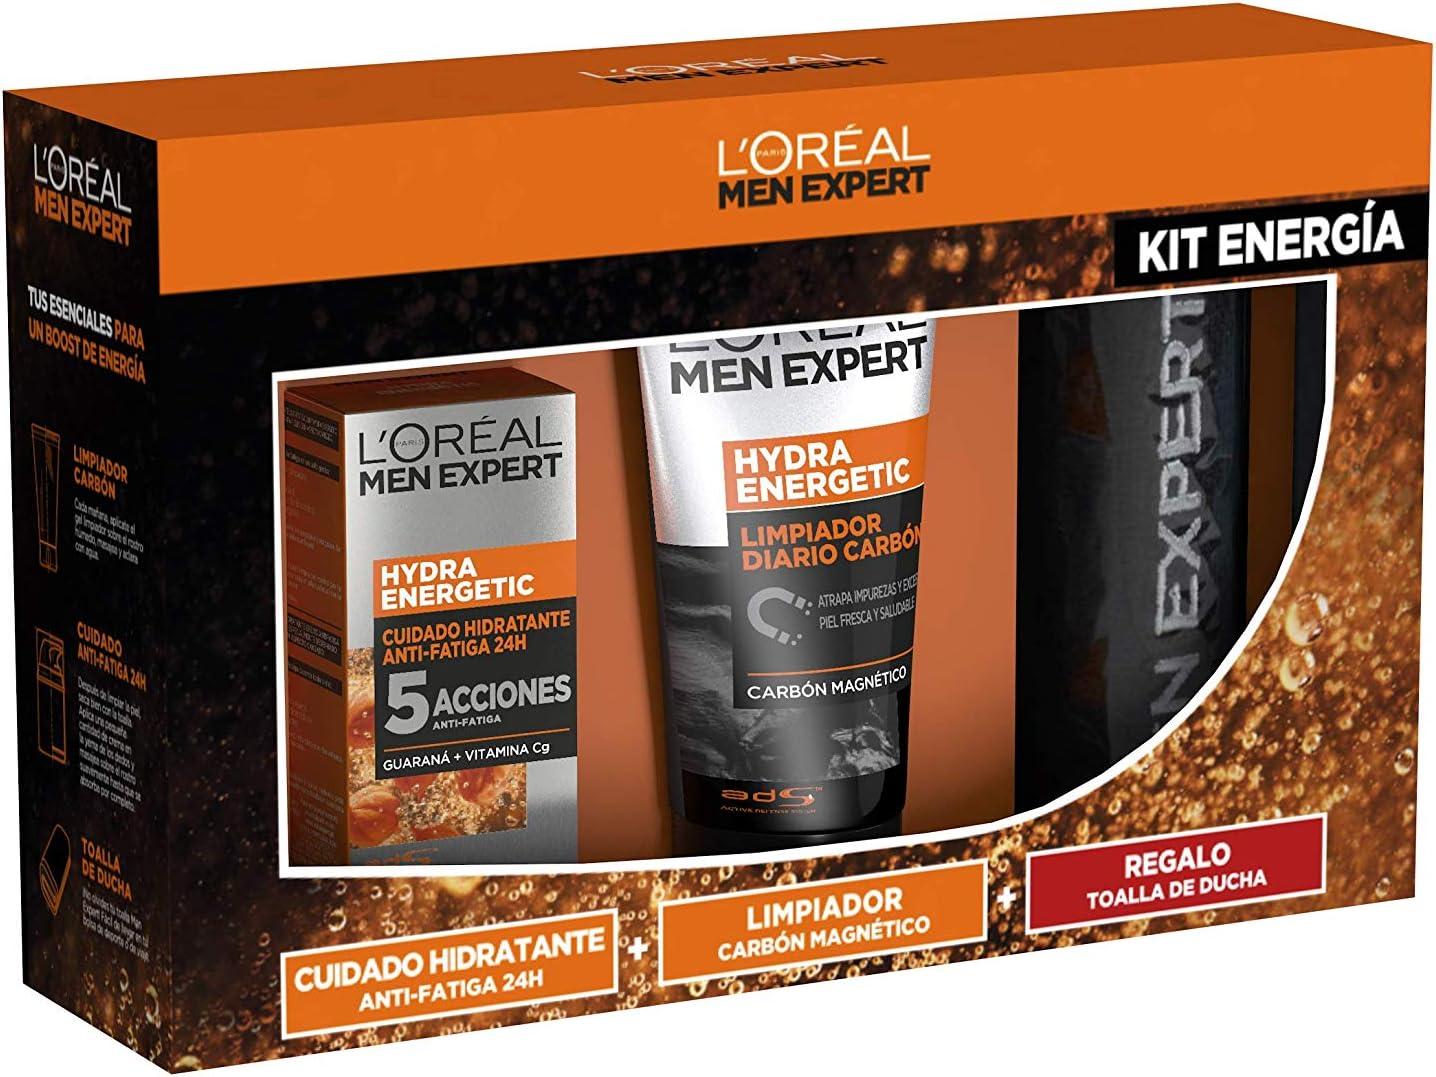 L'Oréal Men Expert - Hydra Energetic Kit Energía, Incluye Crema Cuidado Hidratante Anti-Fatiga, Limpiador Carbón Magnético y Toalla de Ducha de Regalo